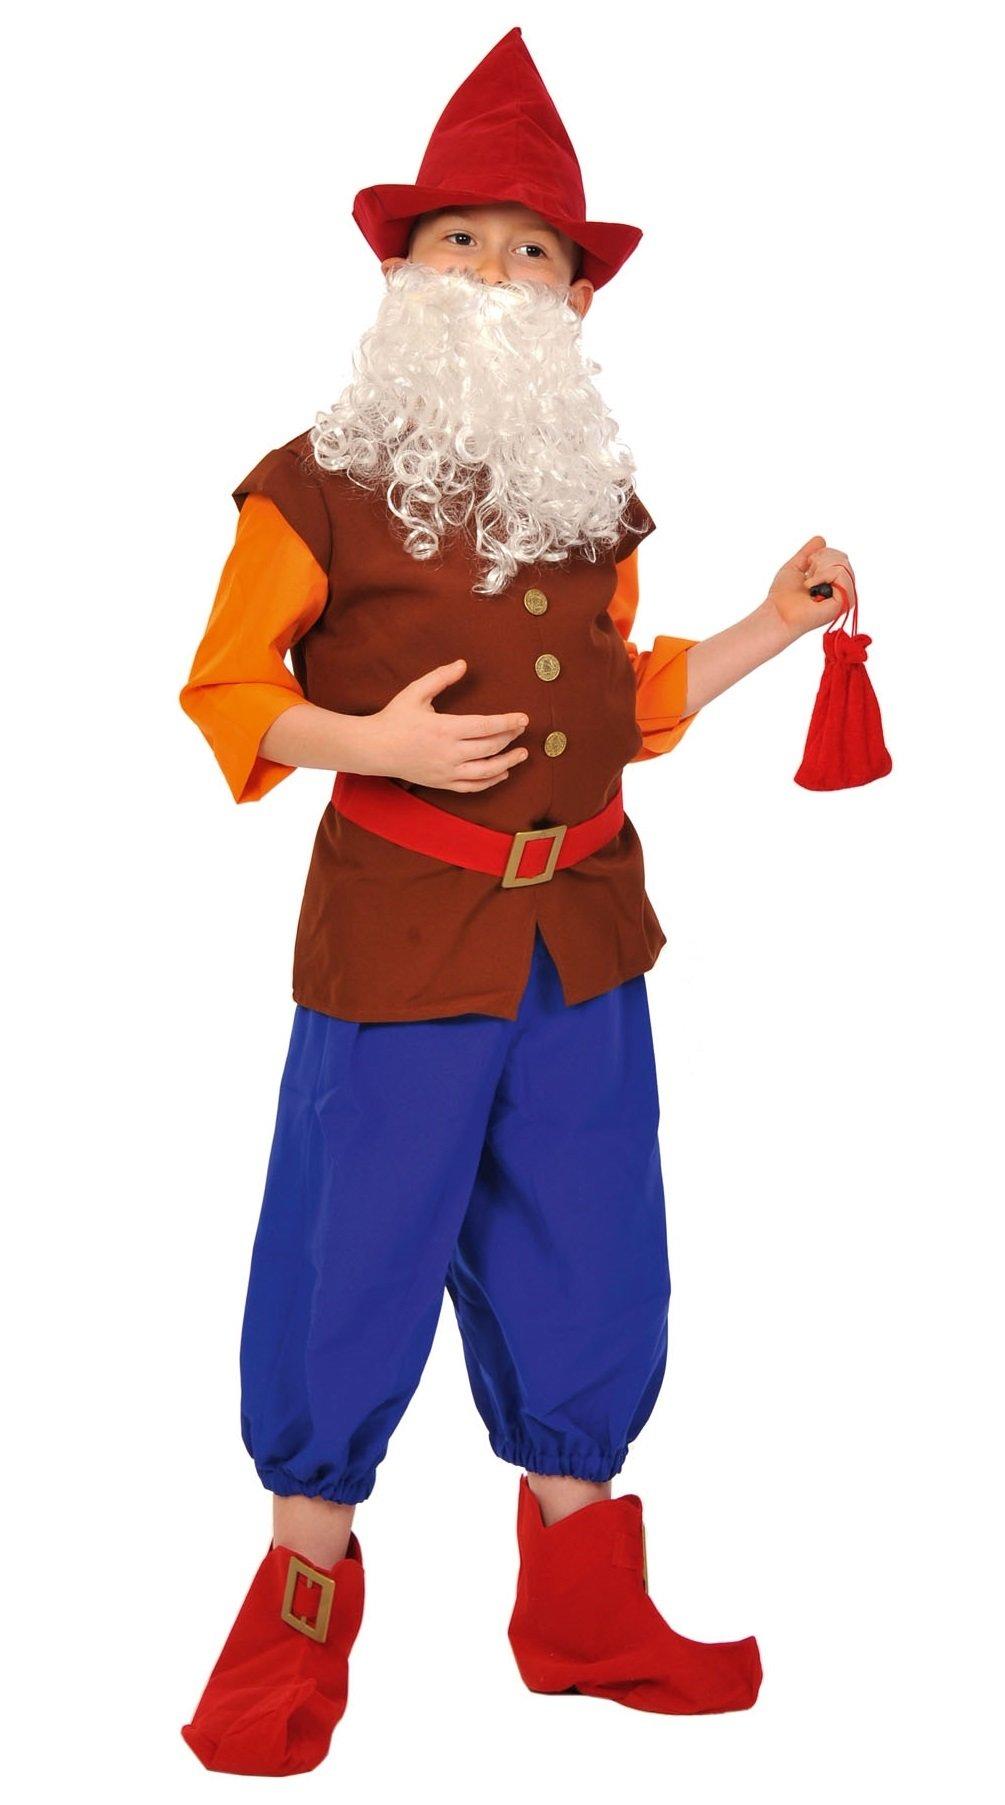 85f85a7ea05 Карнавальный костюм для детей Карнавалофф Гном Весельчак детский